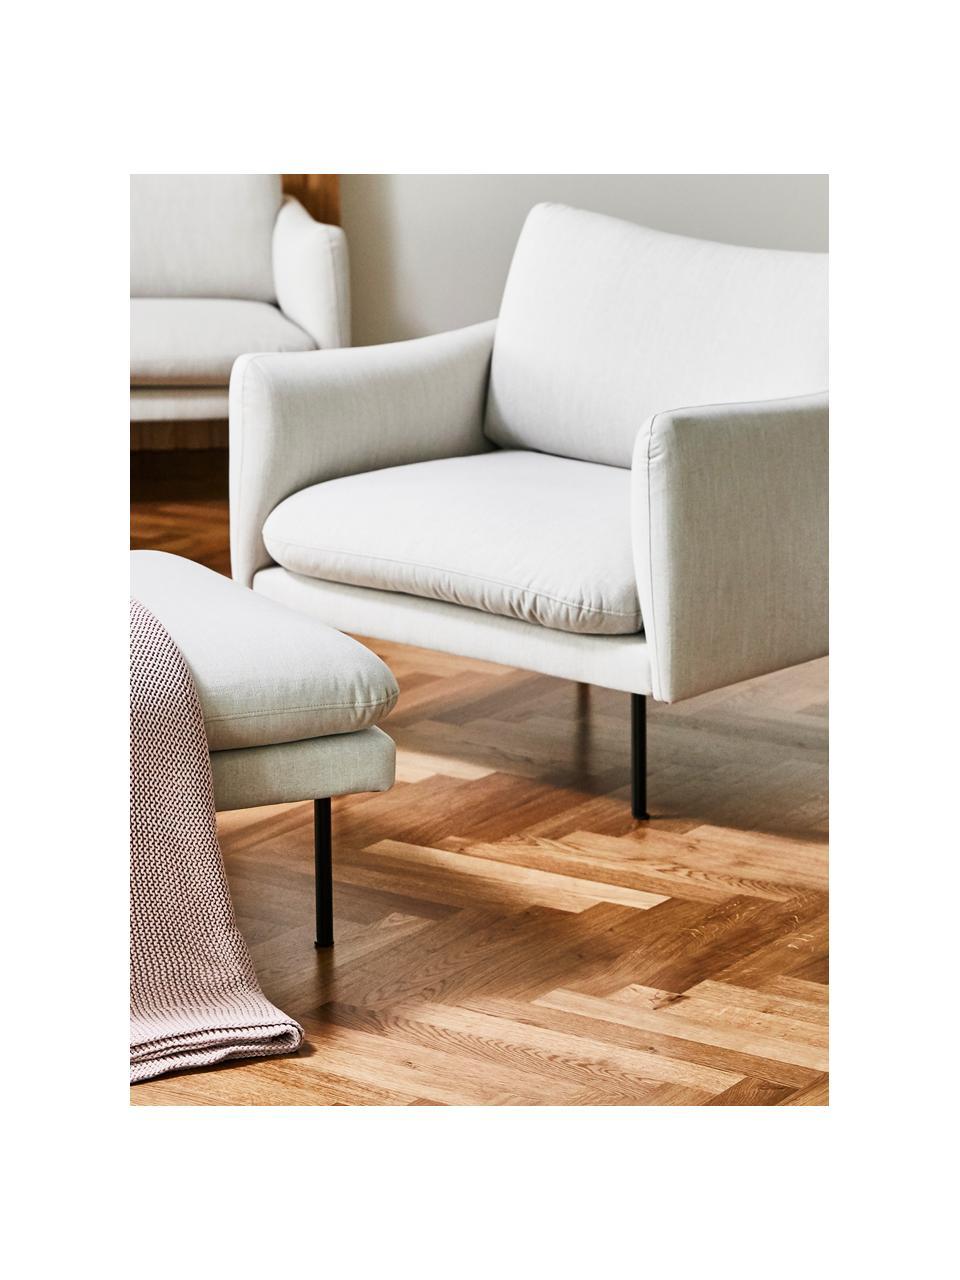 Sessel Moby in Beige mit Metall-Füßen, Bezug: Polyester Der hochwertige, Gestell: Massives Kiefernholz, Füße: Metall, pulverbeschichtet, Webstoff Beige, B 90 x T 90 cm